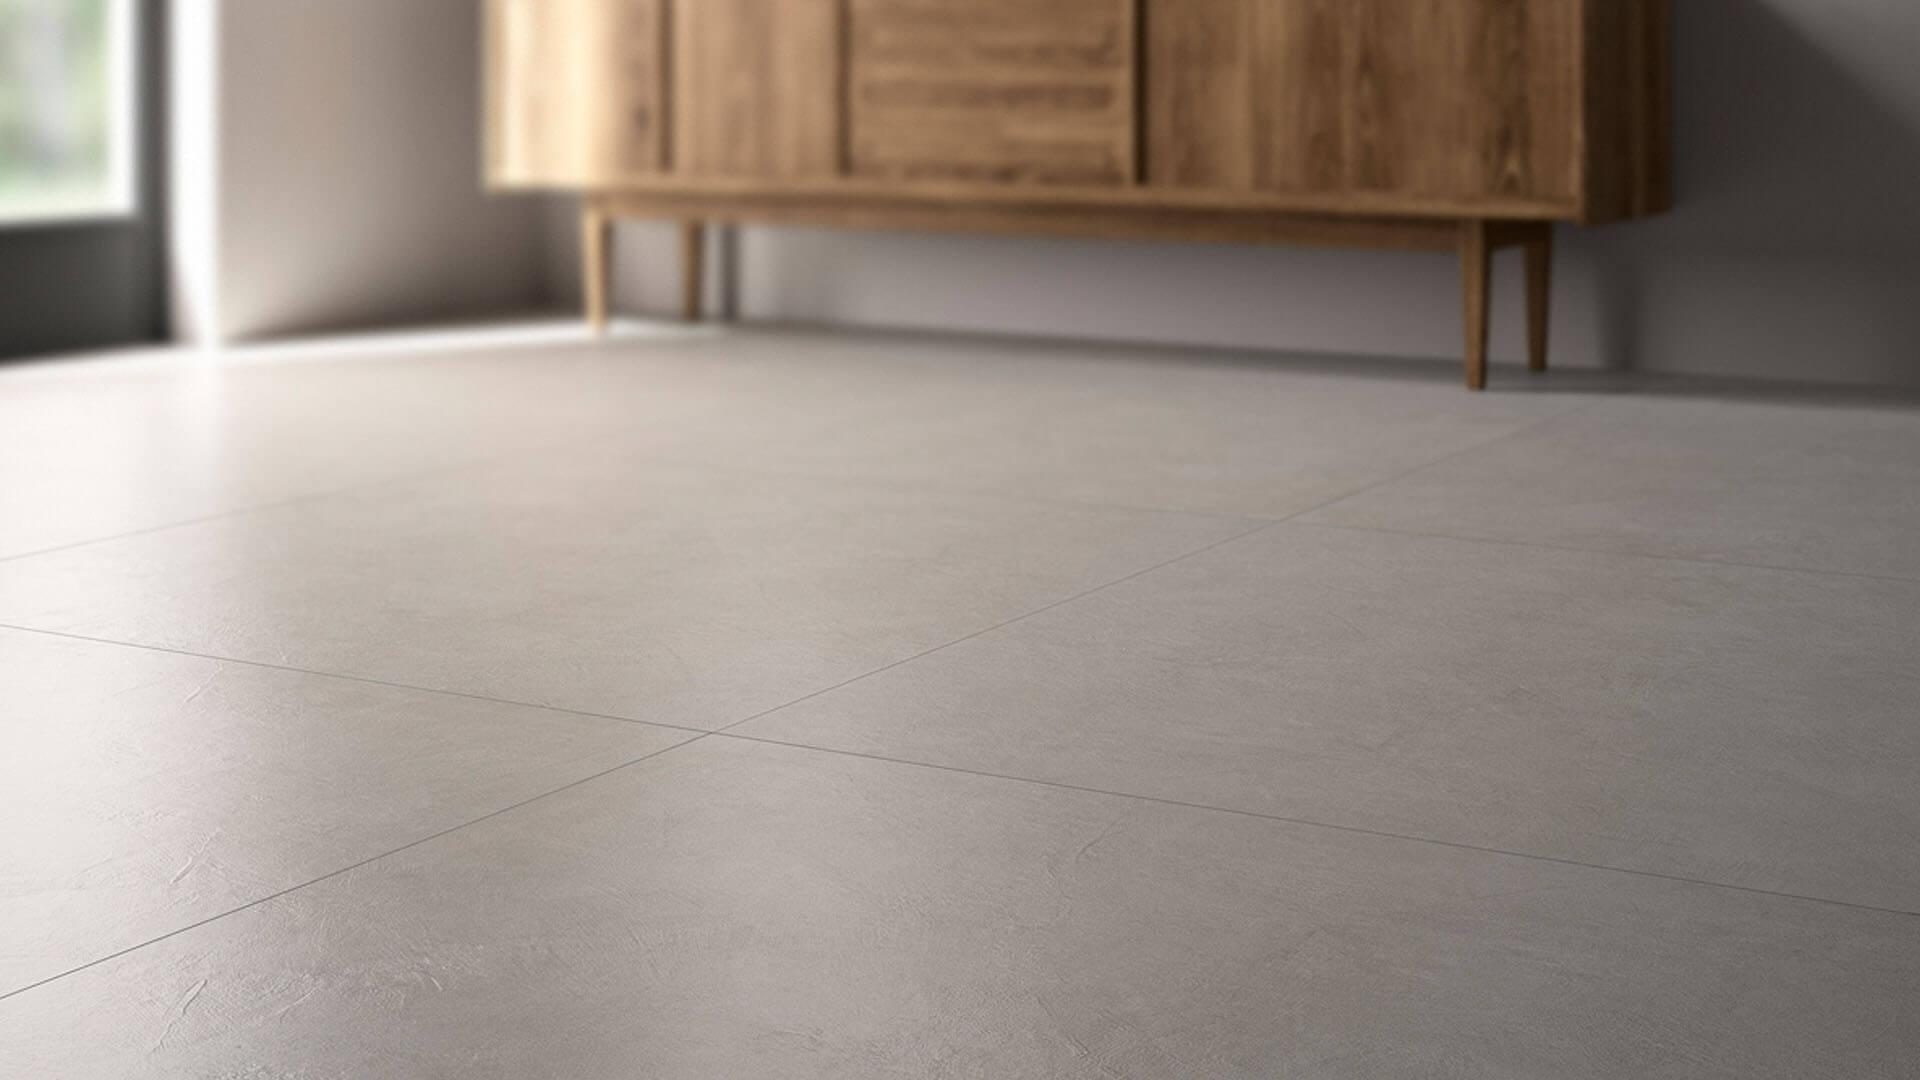 sp cialiste carrelage seine et marne 77 pr s de melun les gr s de cologne. Black Bedroom Furniture Sets. Home Design Ideas